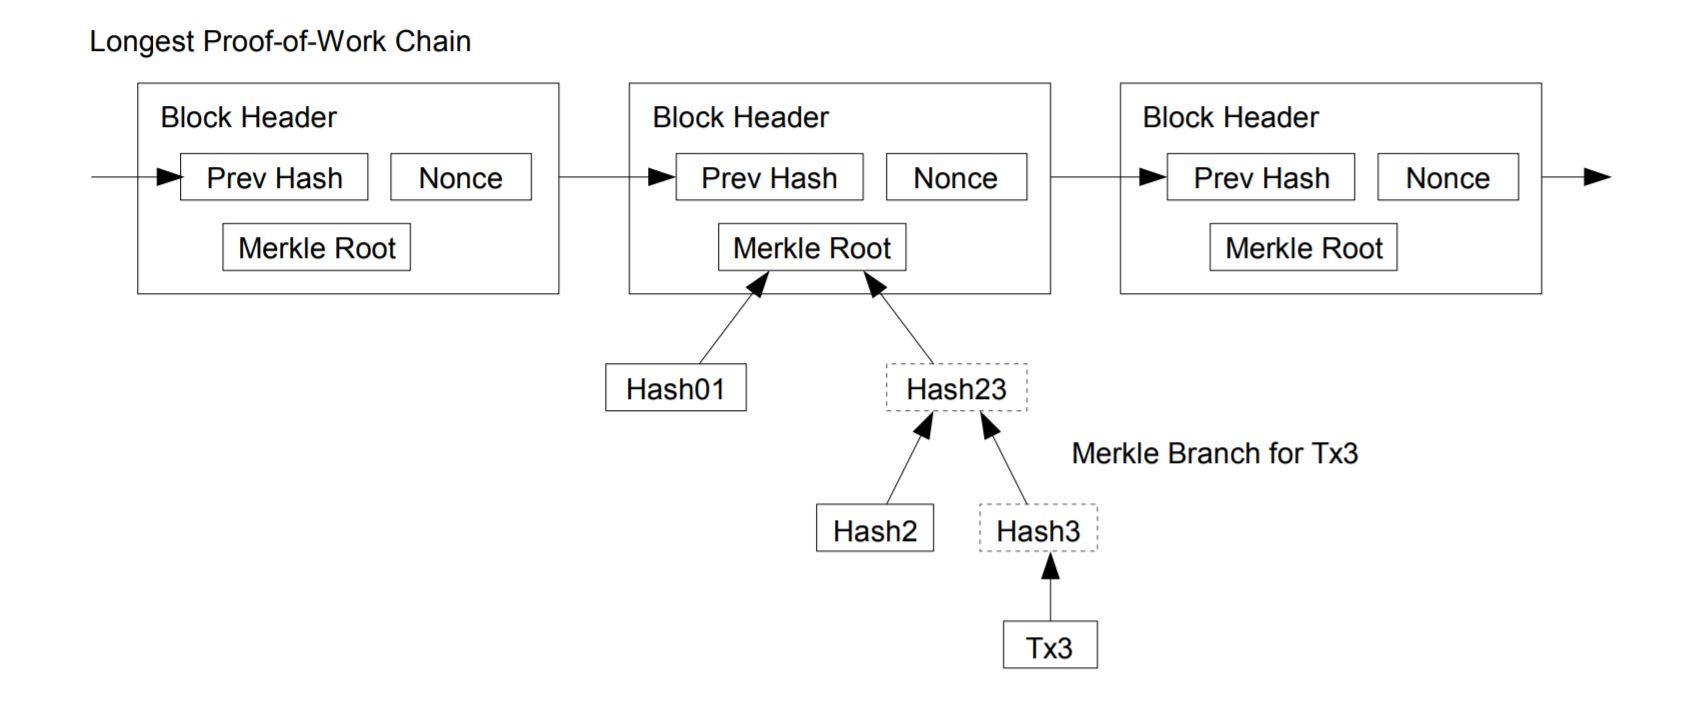 Explicación de la cadena de prueba de trabajo de Bitcoin